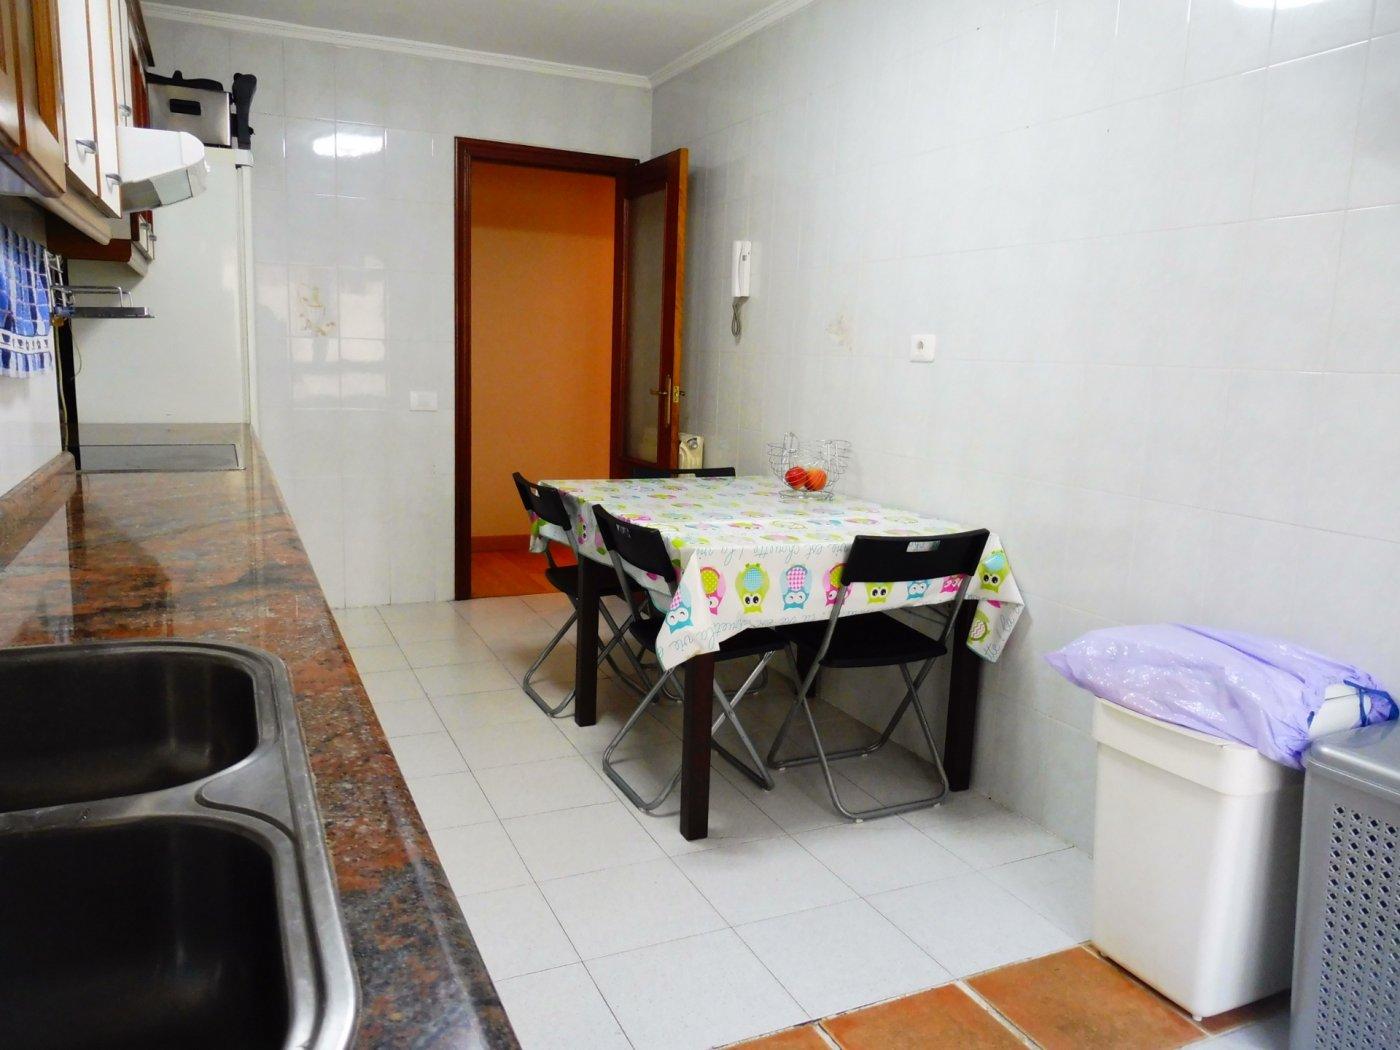 Amplio piso enfrente del centro de salud de perchera en nuevo gijón - imagenInmueble27